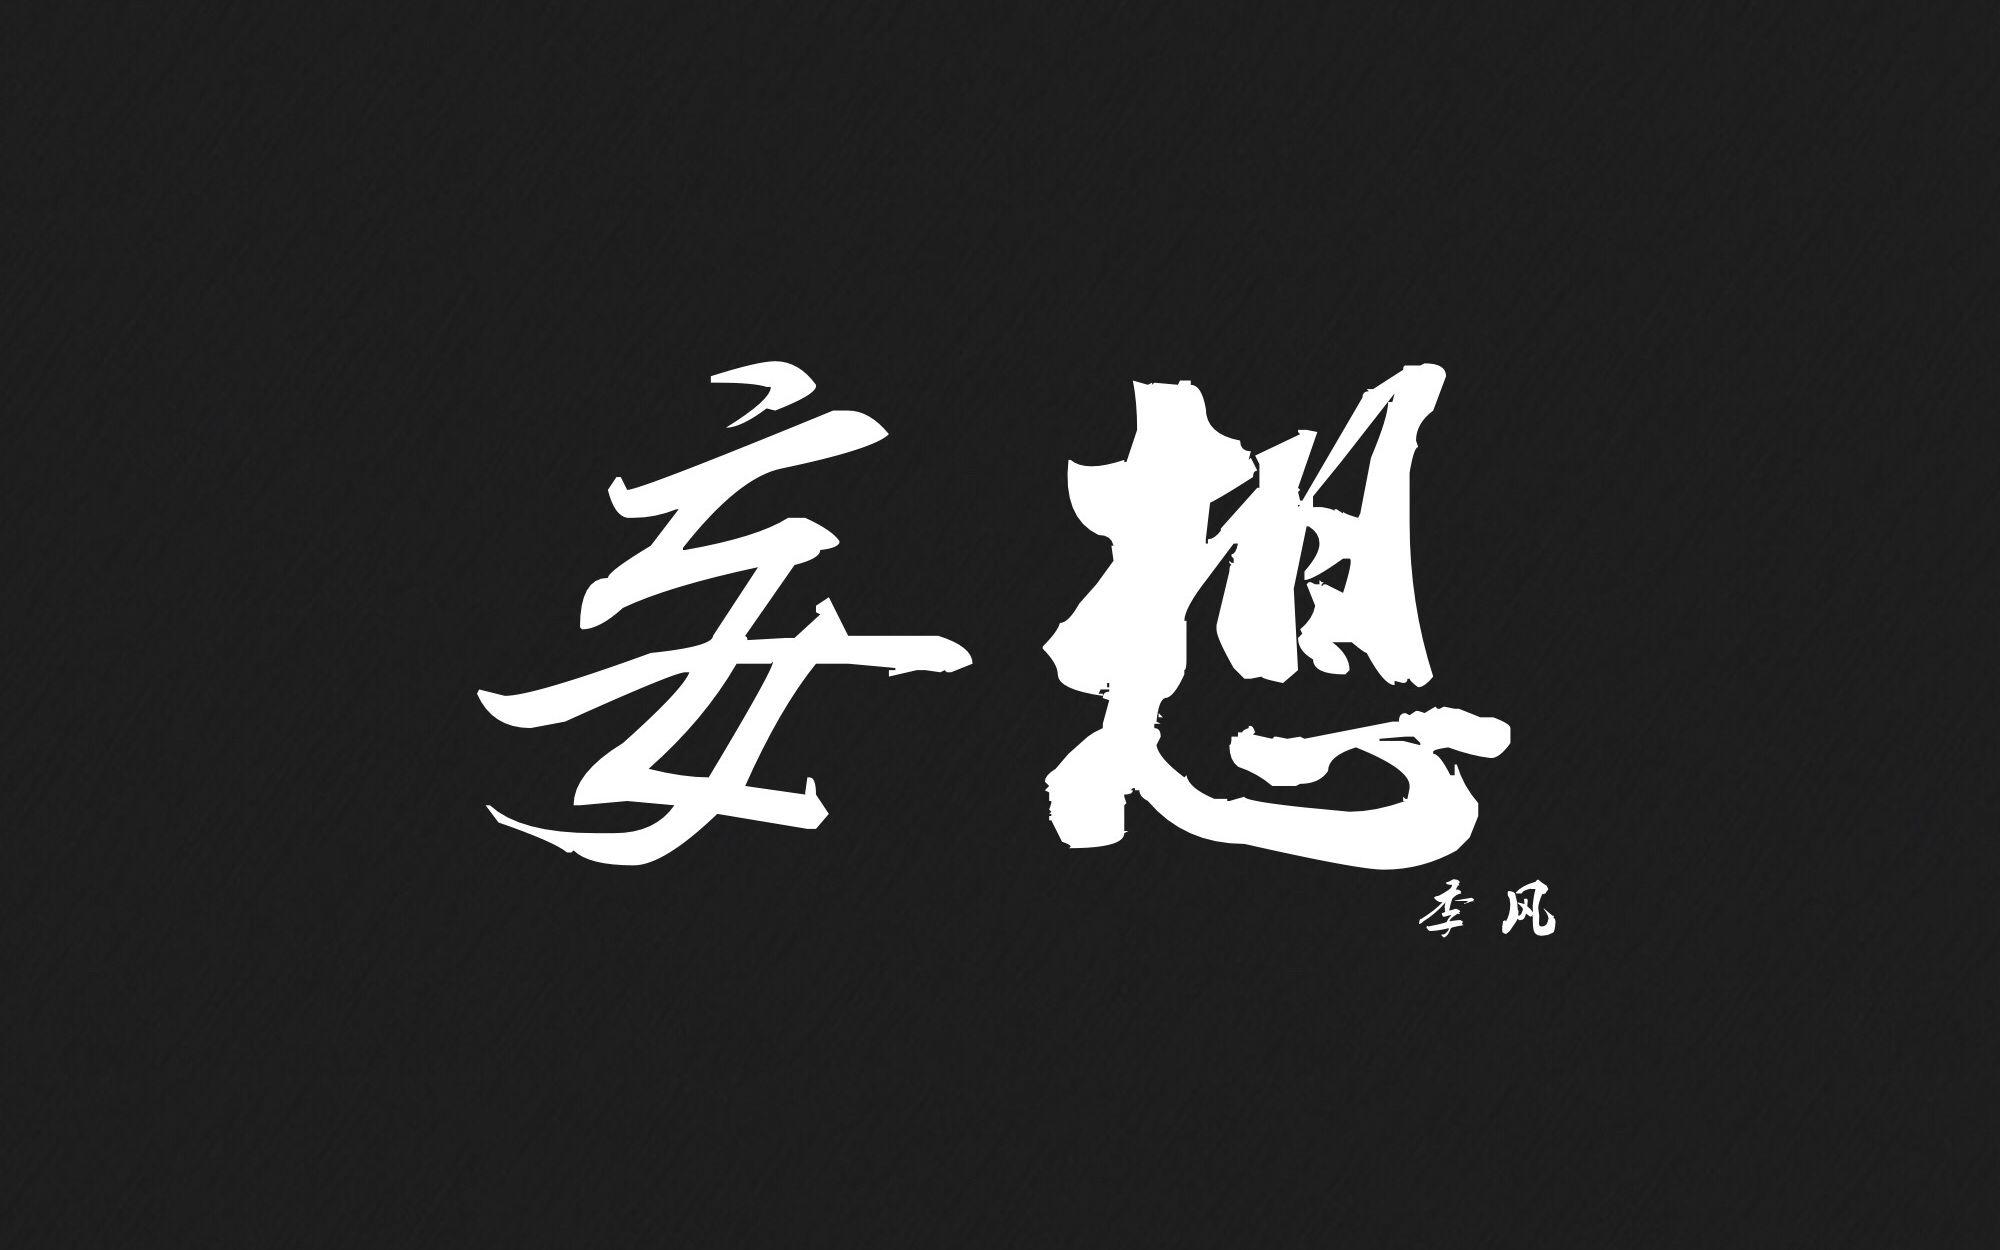 ��_【tf家族】【妄想】悬疑推理向 伪电影预告.又名《总有刁民想害朕》